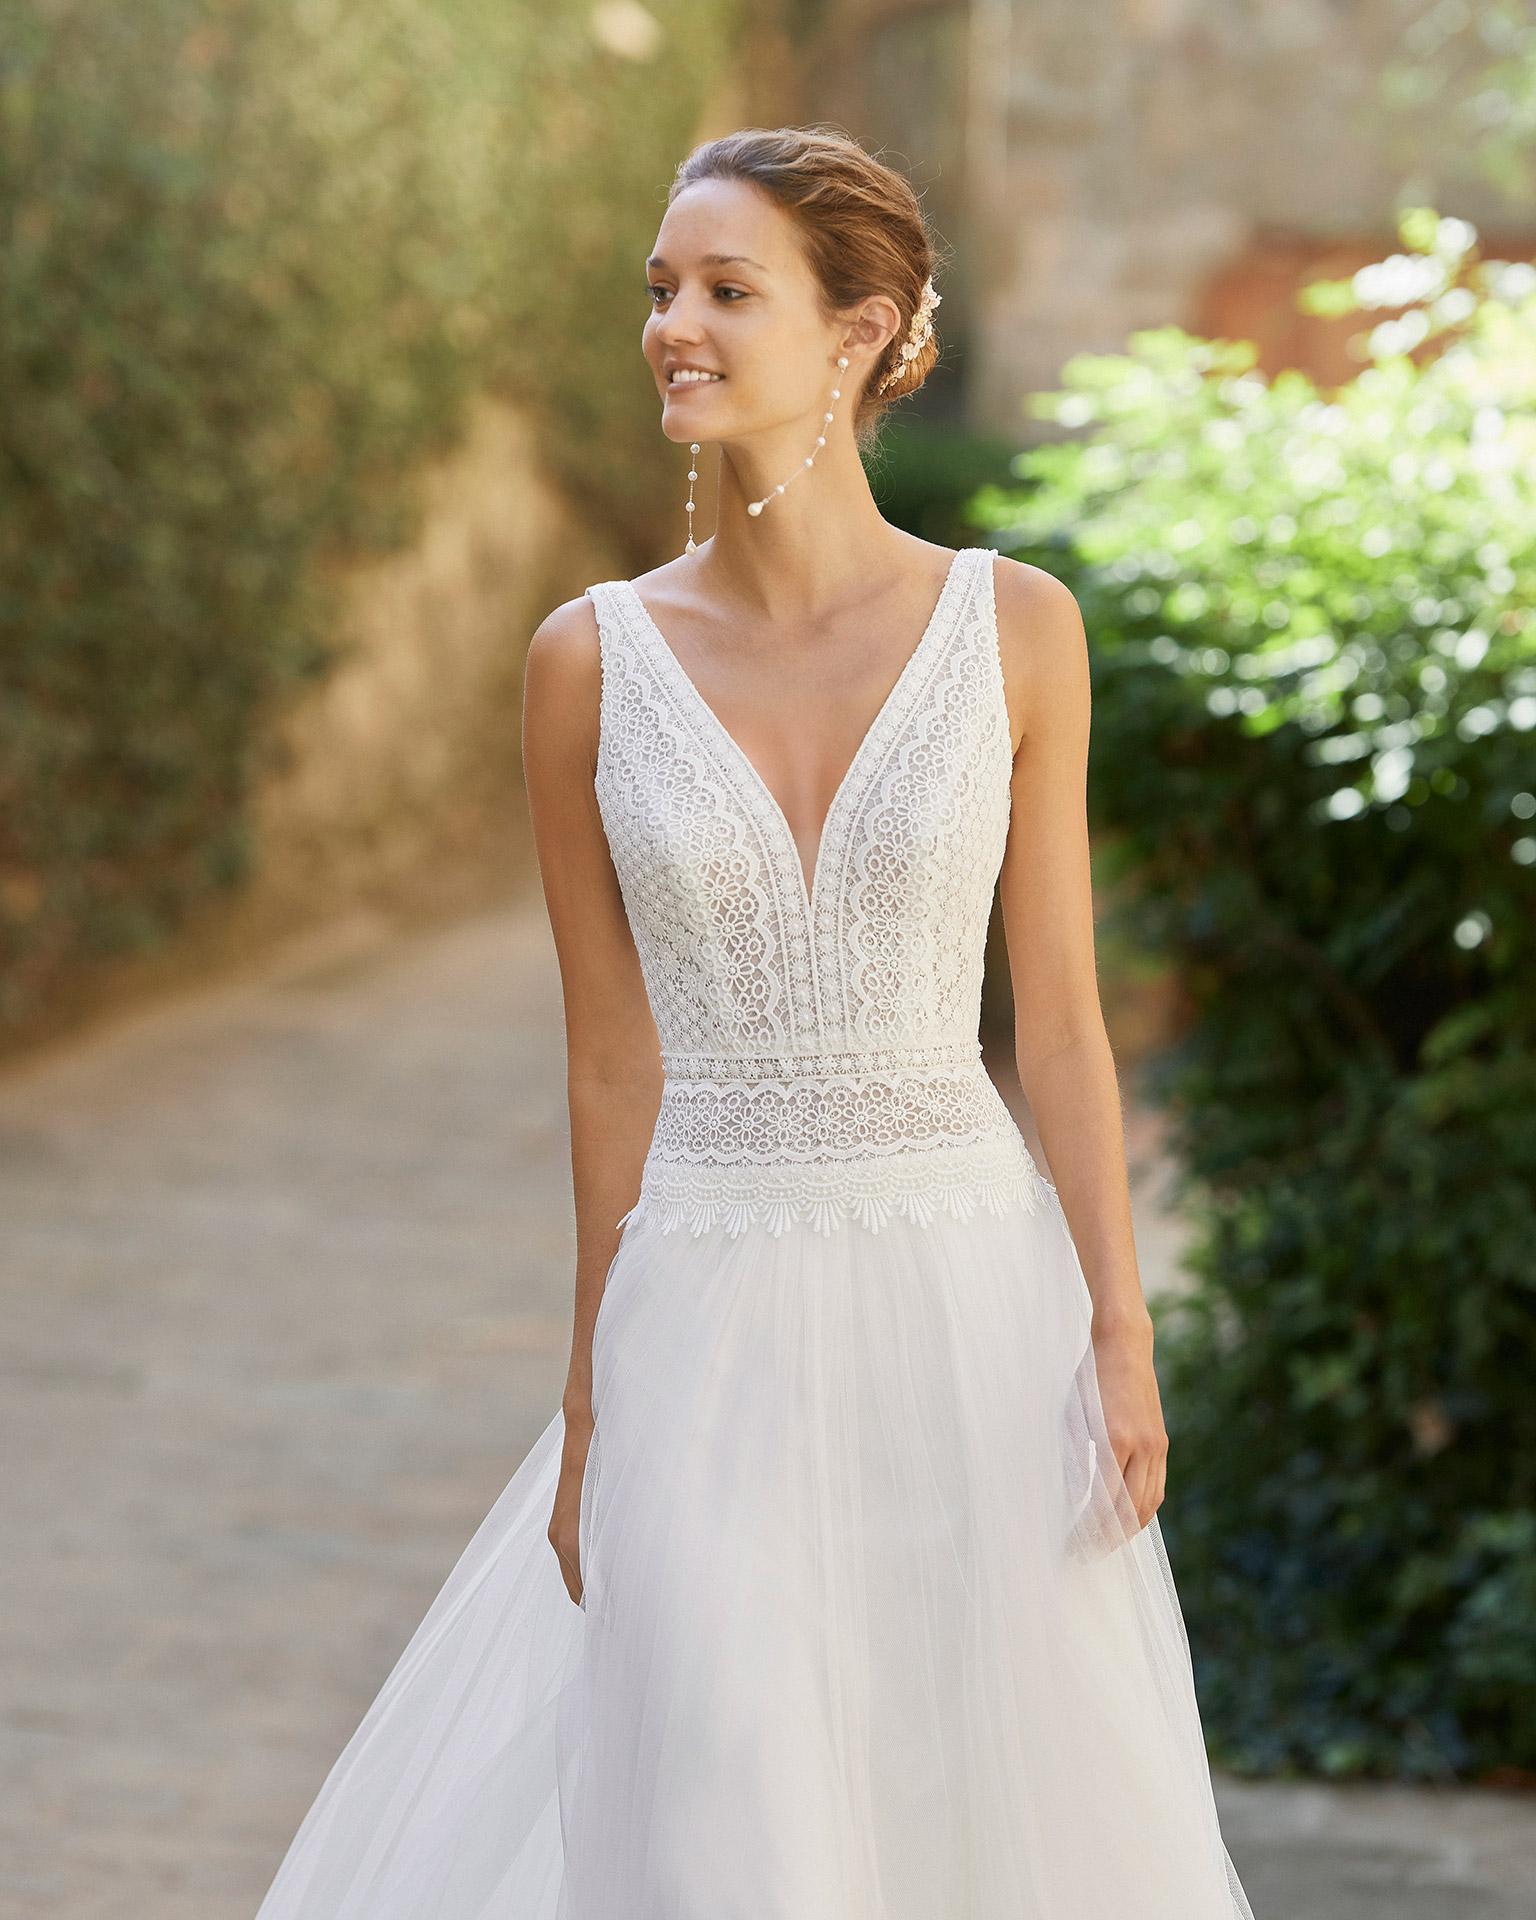 Vestido de novia ligero de corte recto con cuerpo de encaje; escote V y espalda abierta. Modelo Alma Novia confeccionado en tul. Colección ALMANOVIA 2022.